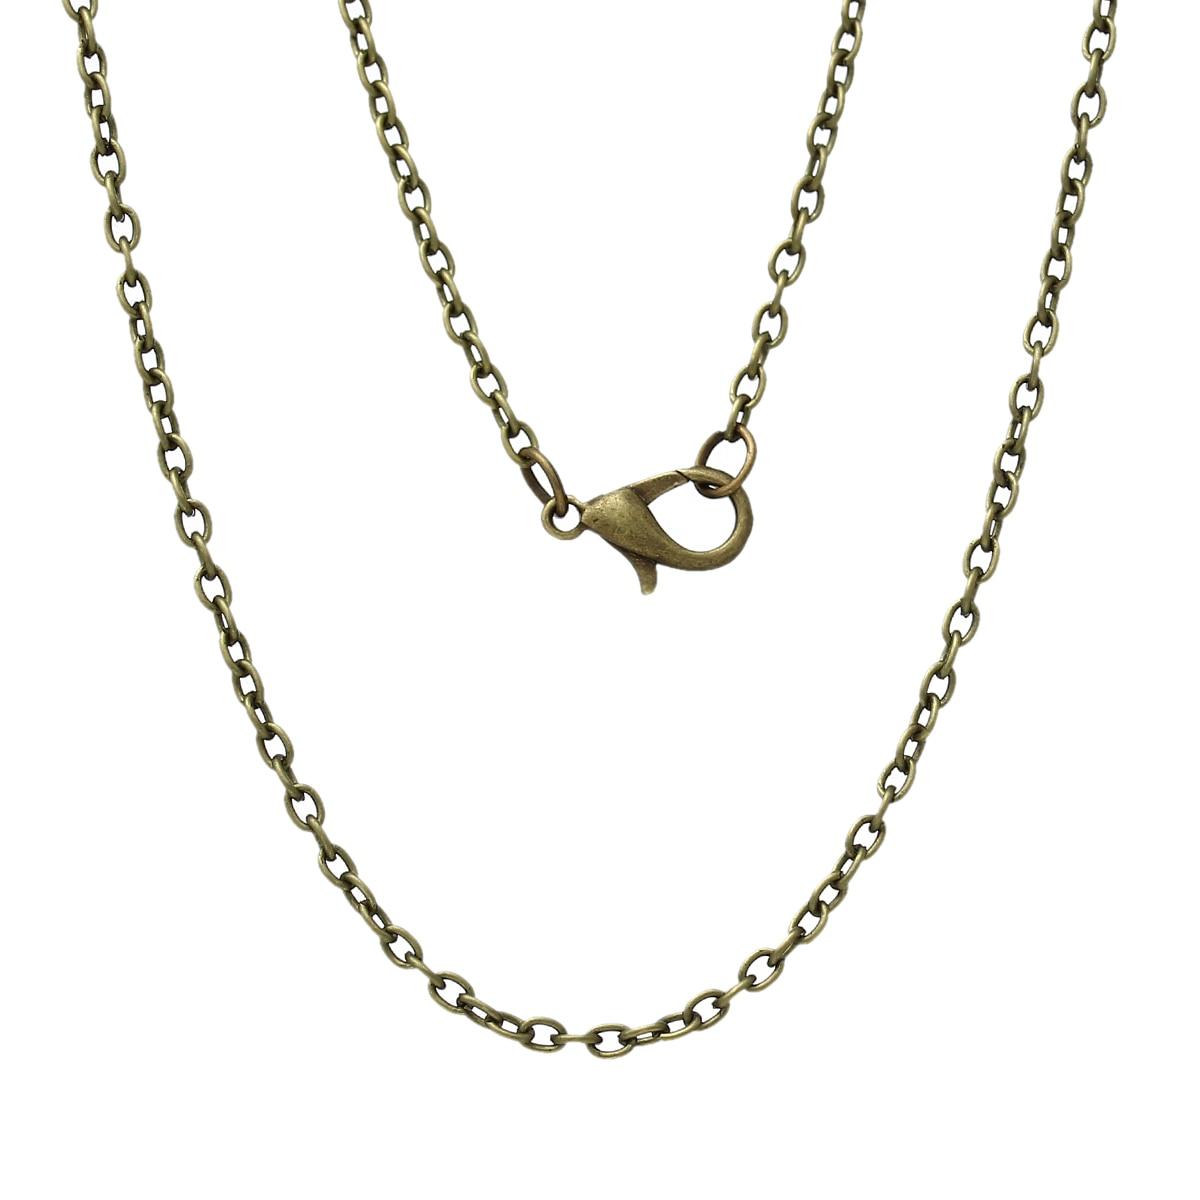 8SEASONS Jewelry Necklace Antique Bronzes